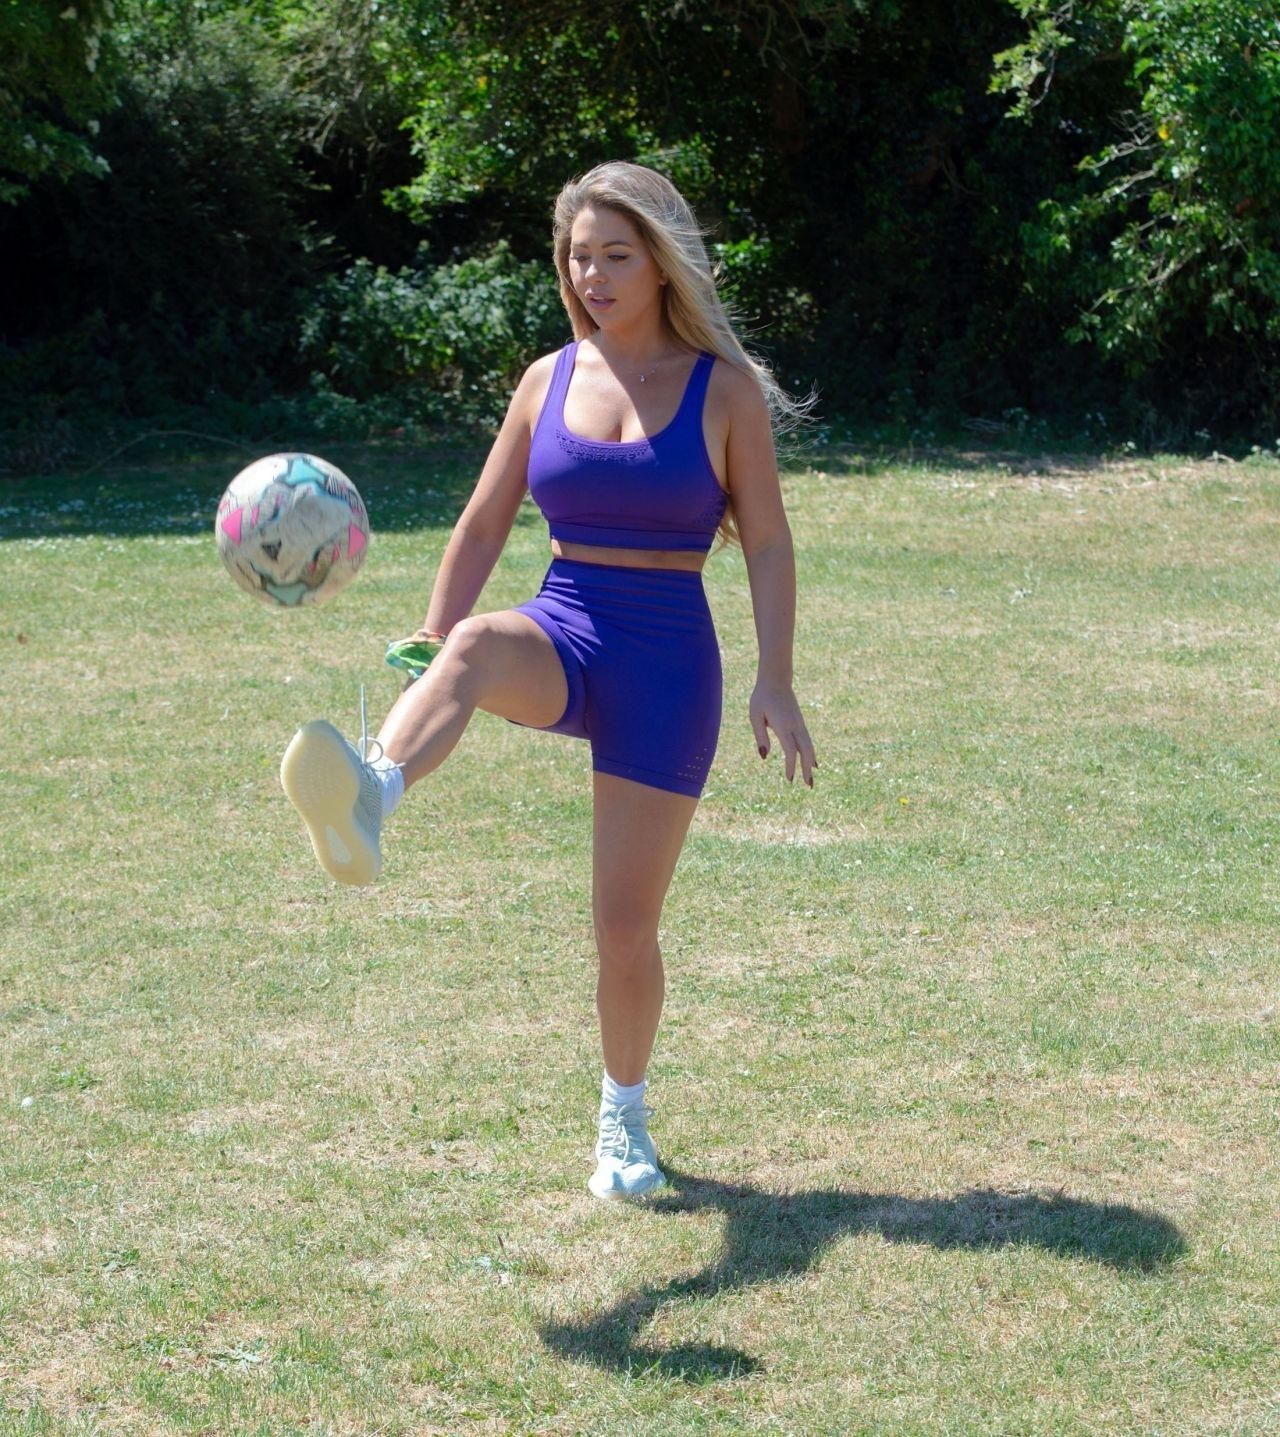 比安卡郊外踢球,运动背心配骑行裤,看上去球技不错